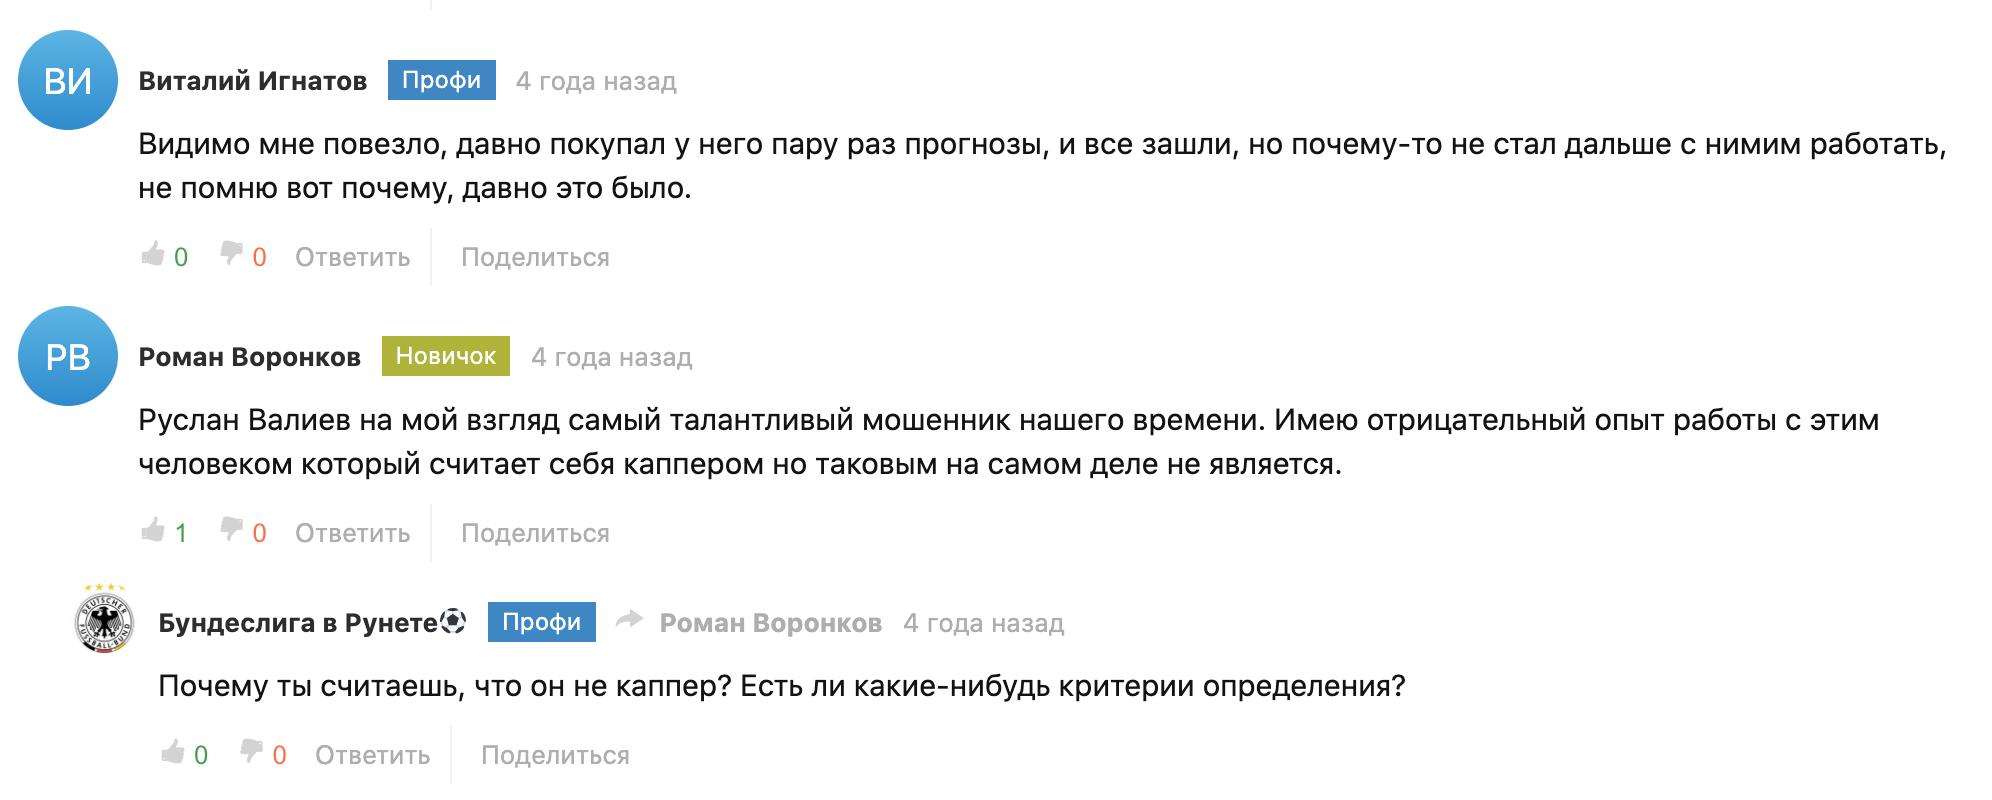 Отзывы о проекте Золотая ставка